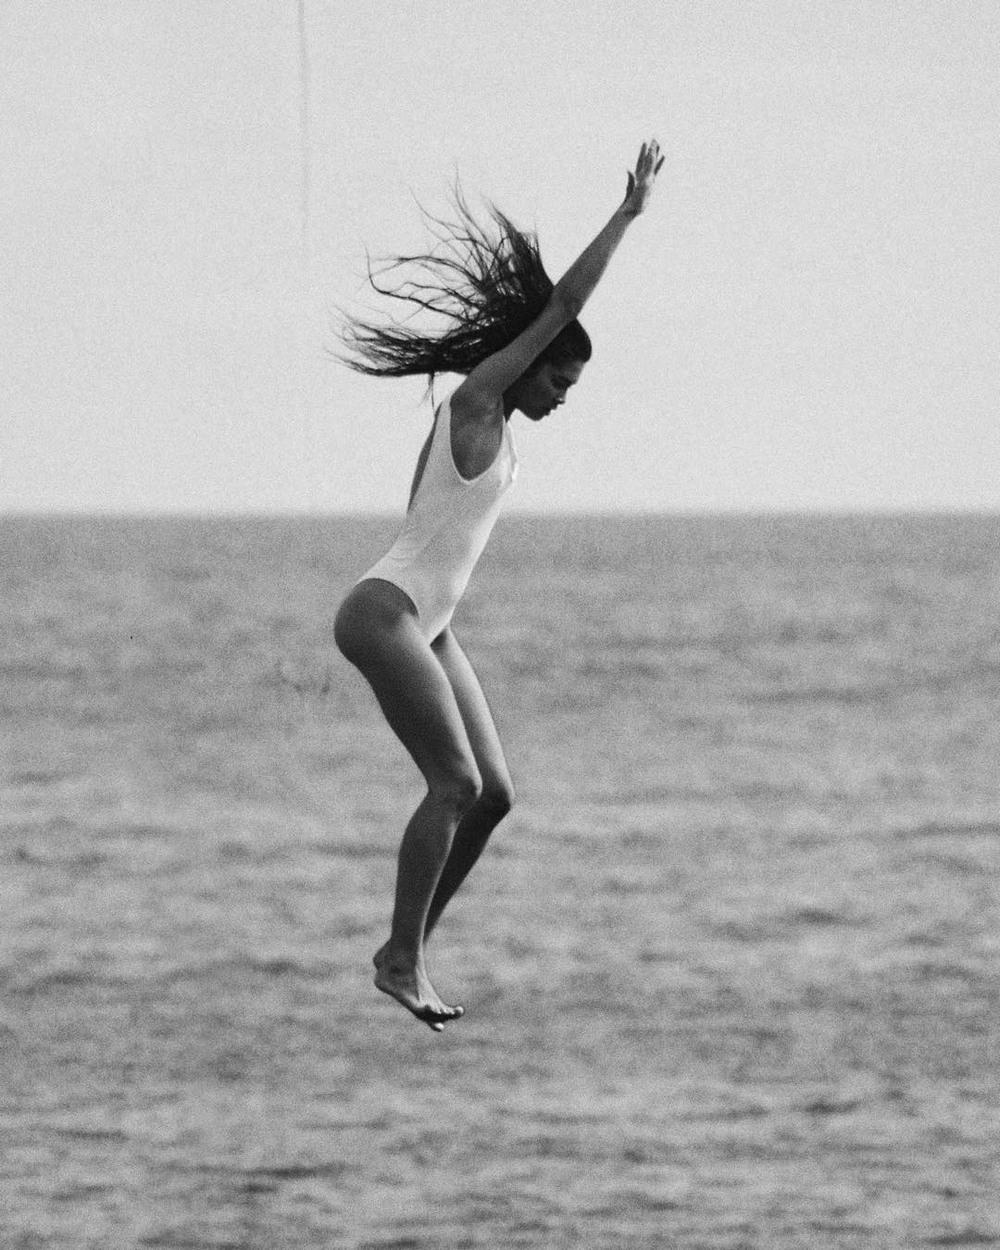 Гламурные и lifestyle-фотографии от Жана Пьеро